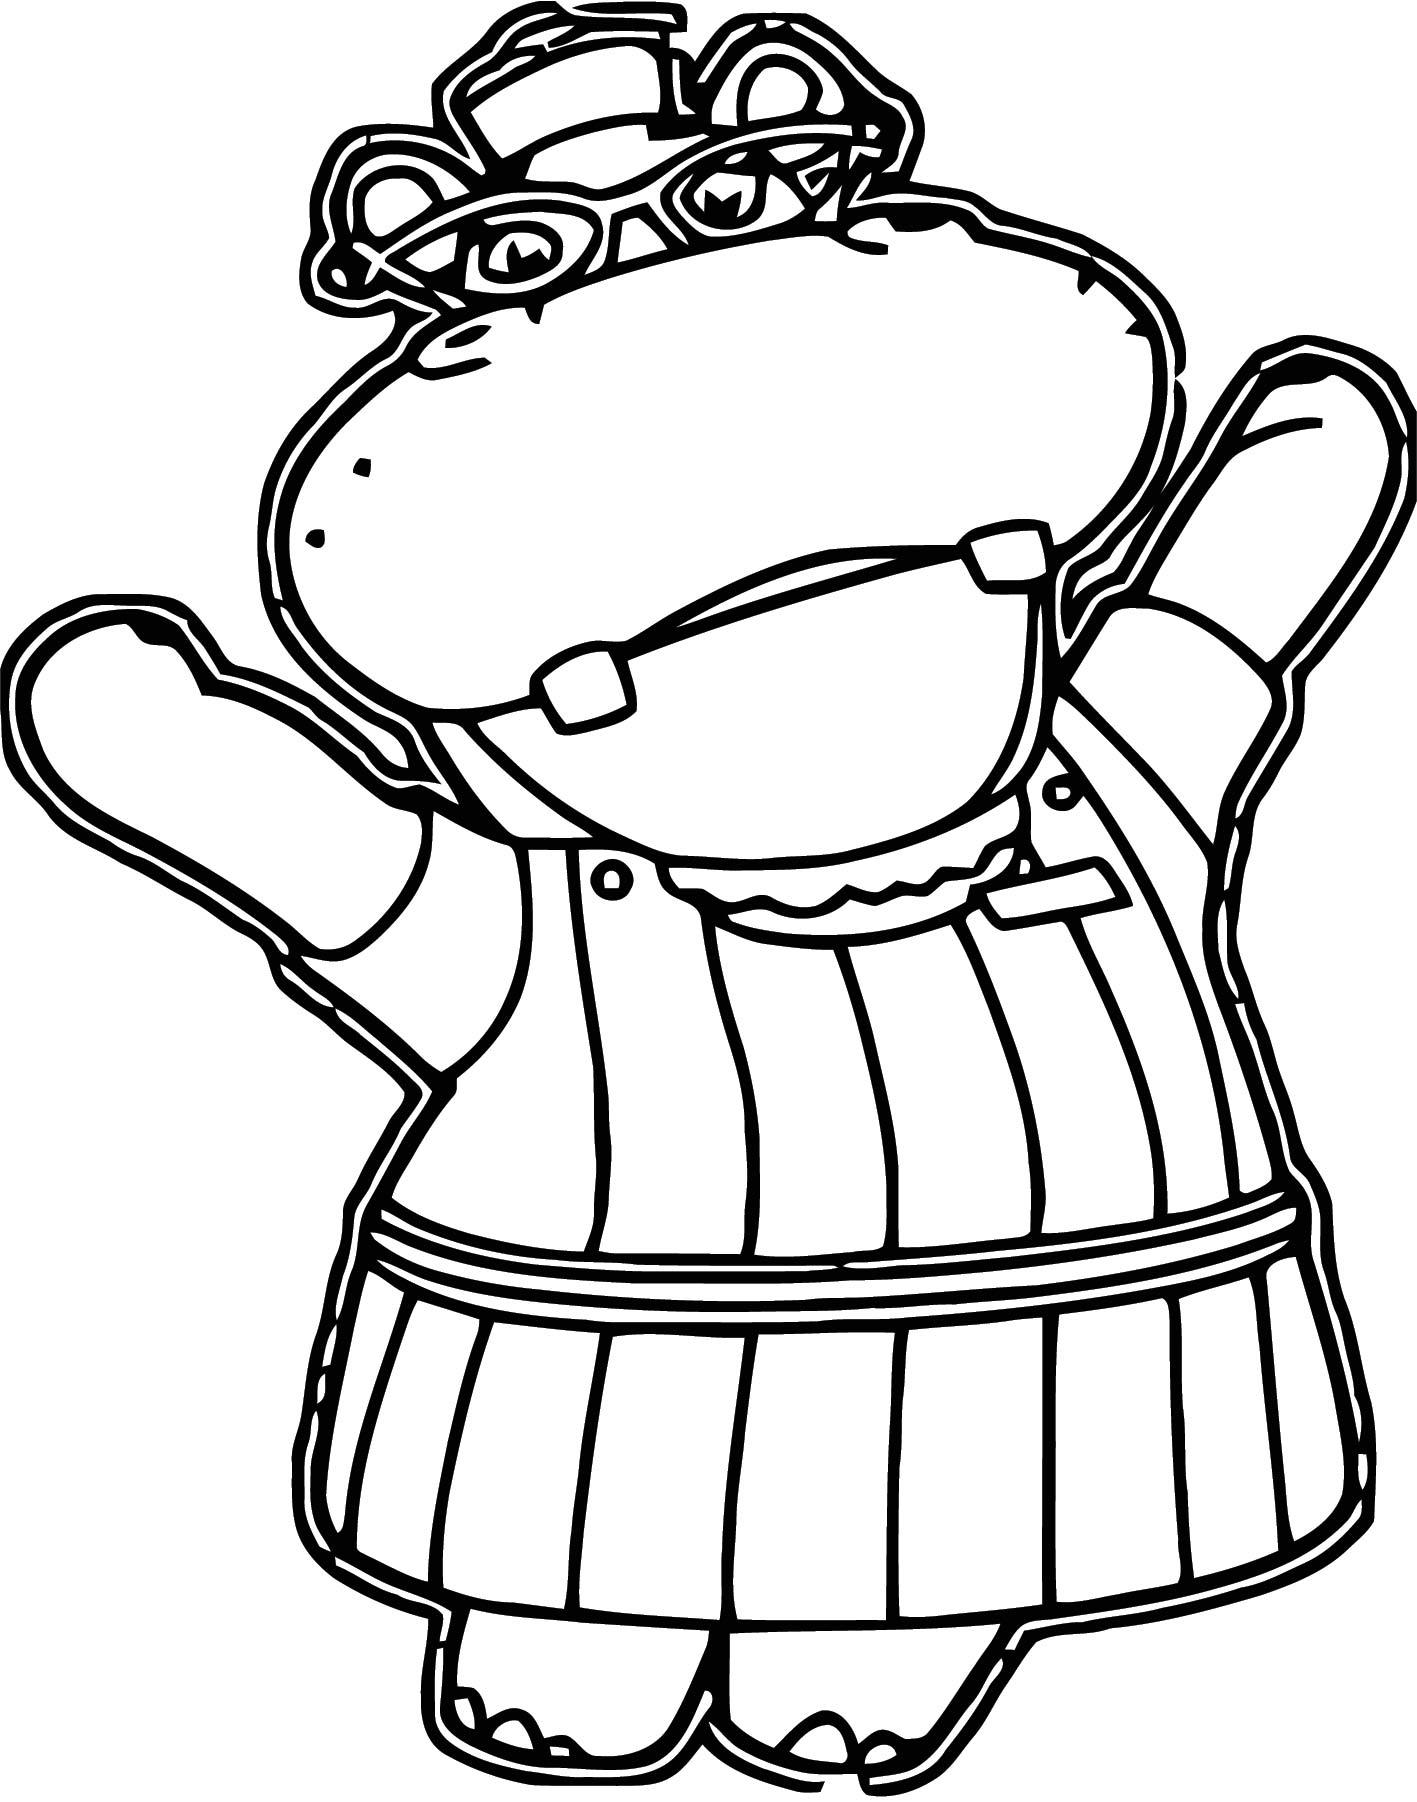 hallie cartoon joy colorin page